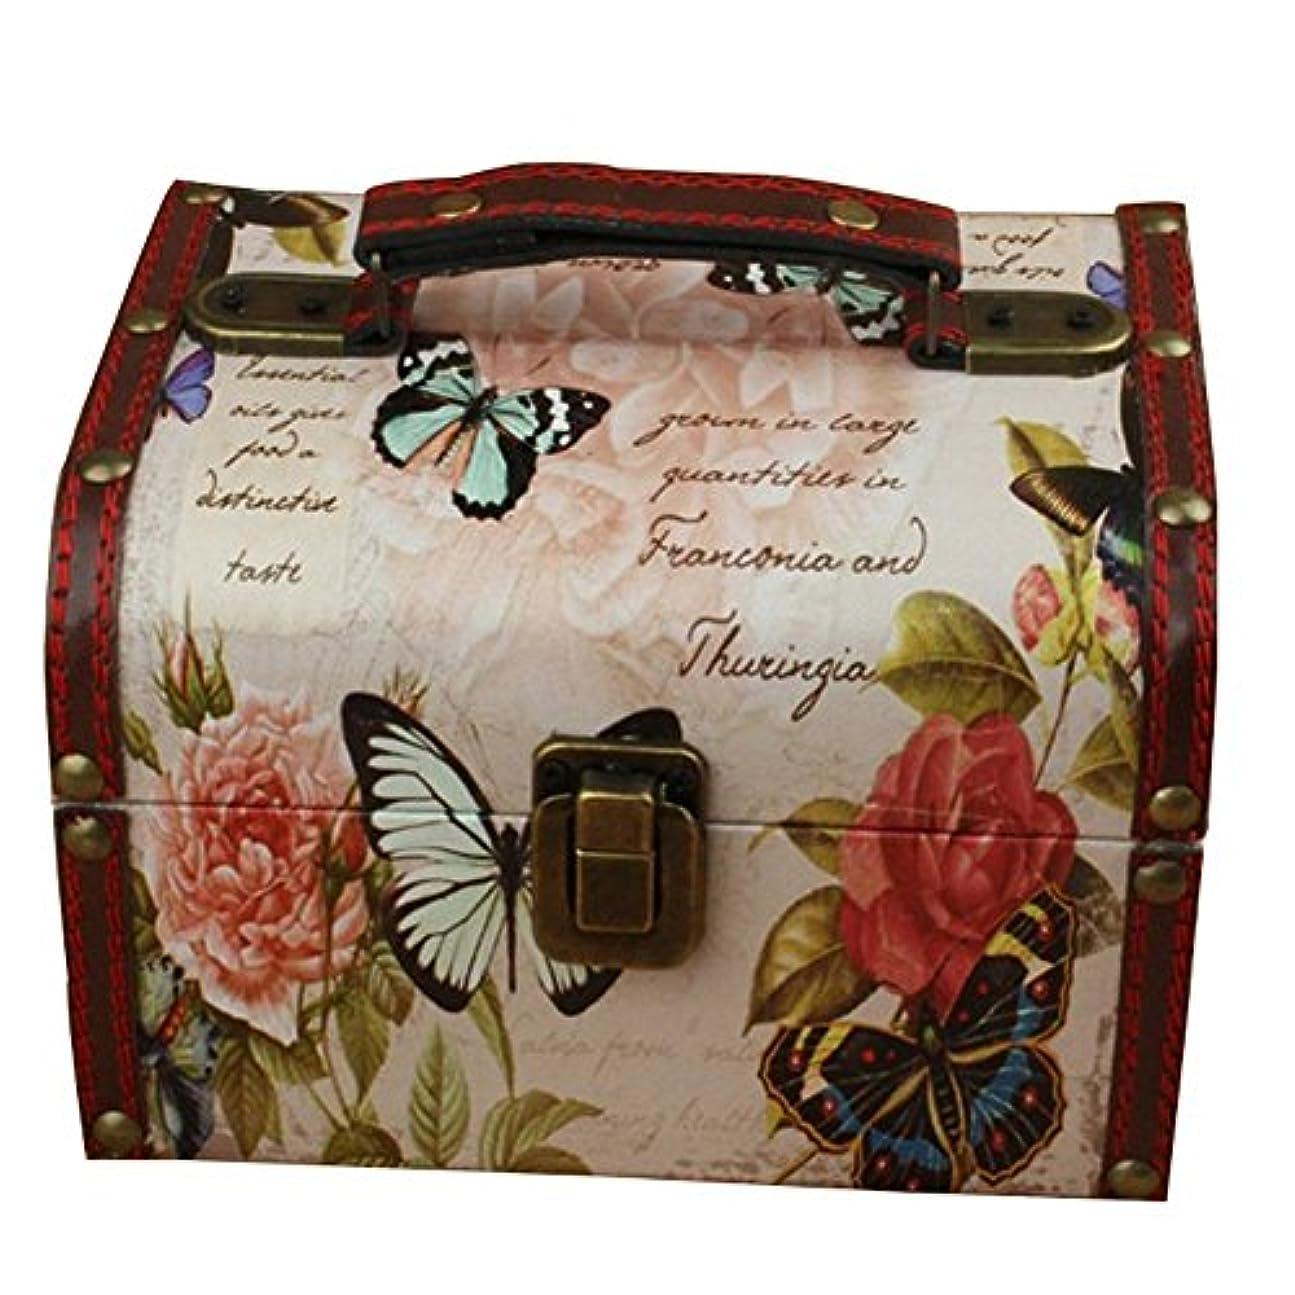 トリッキーシェルター充実Umora メイクボックス 収納 アンチーク コスメボックス 化粧品 小物 おもちゃ 雑貨 (蝶々)